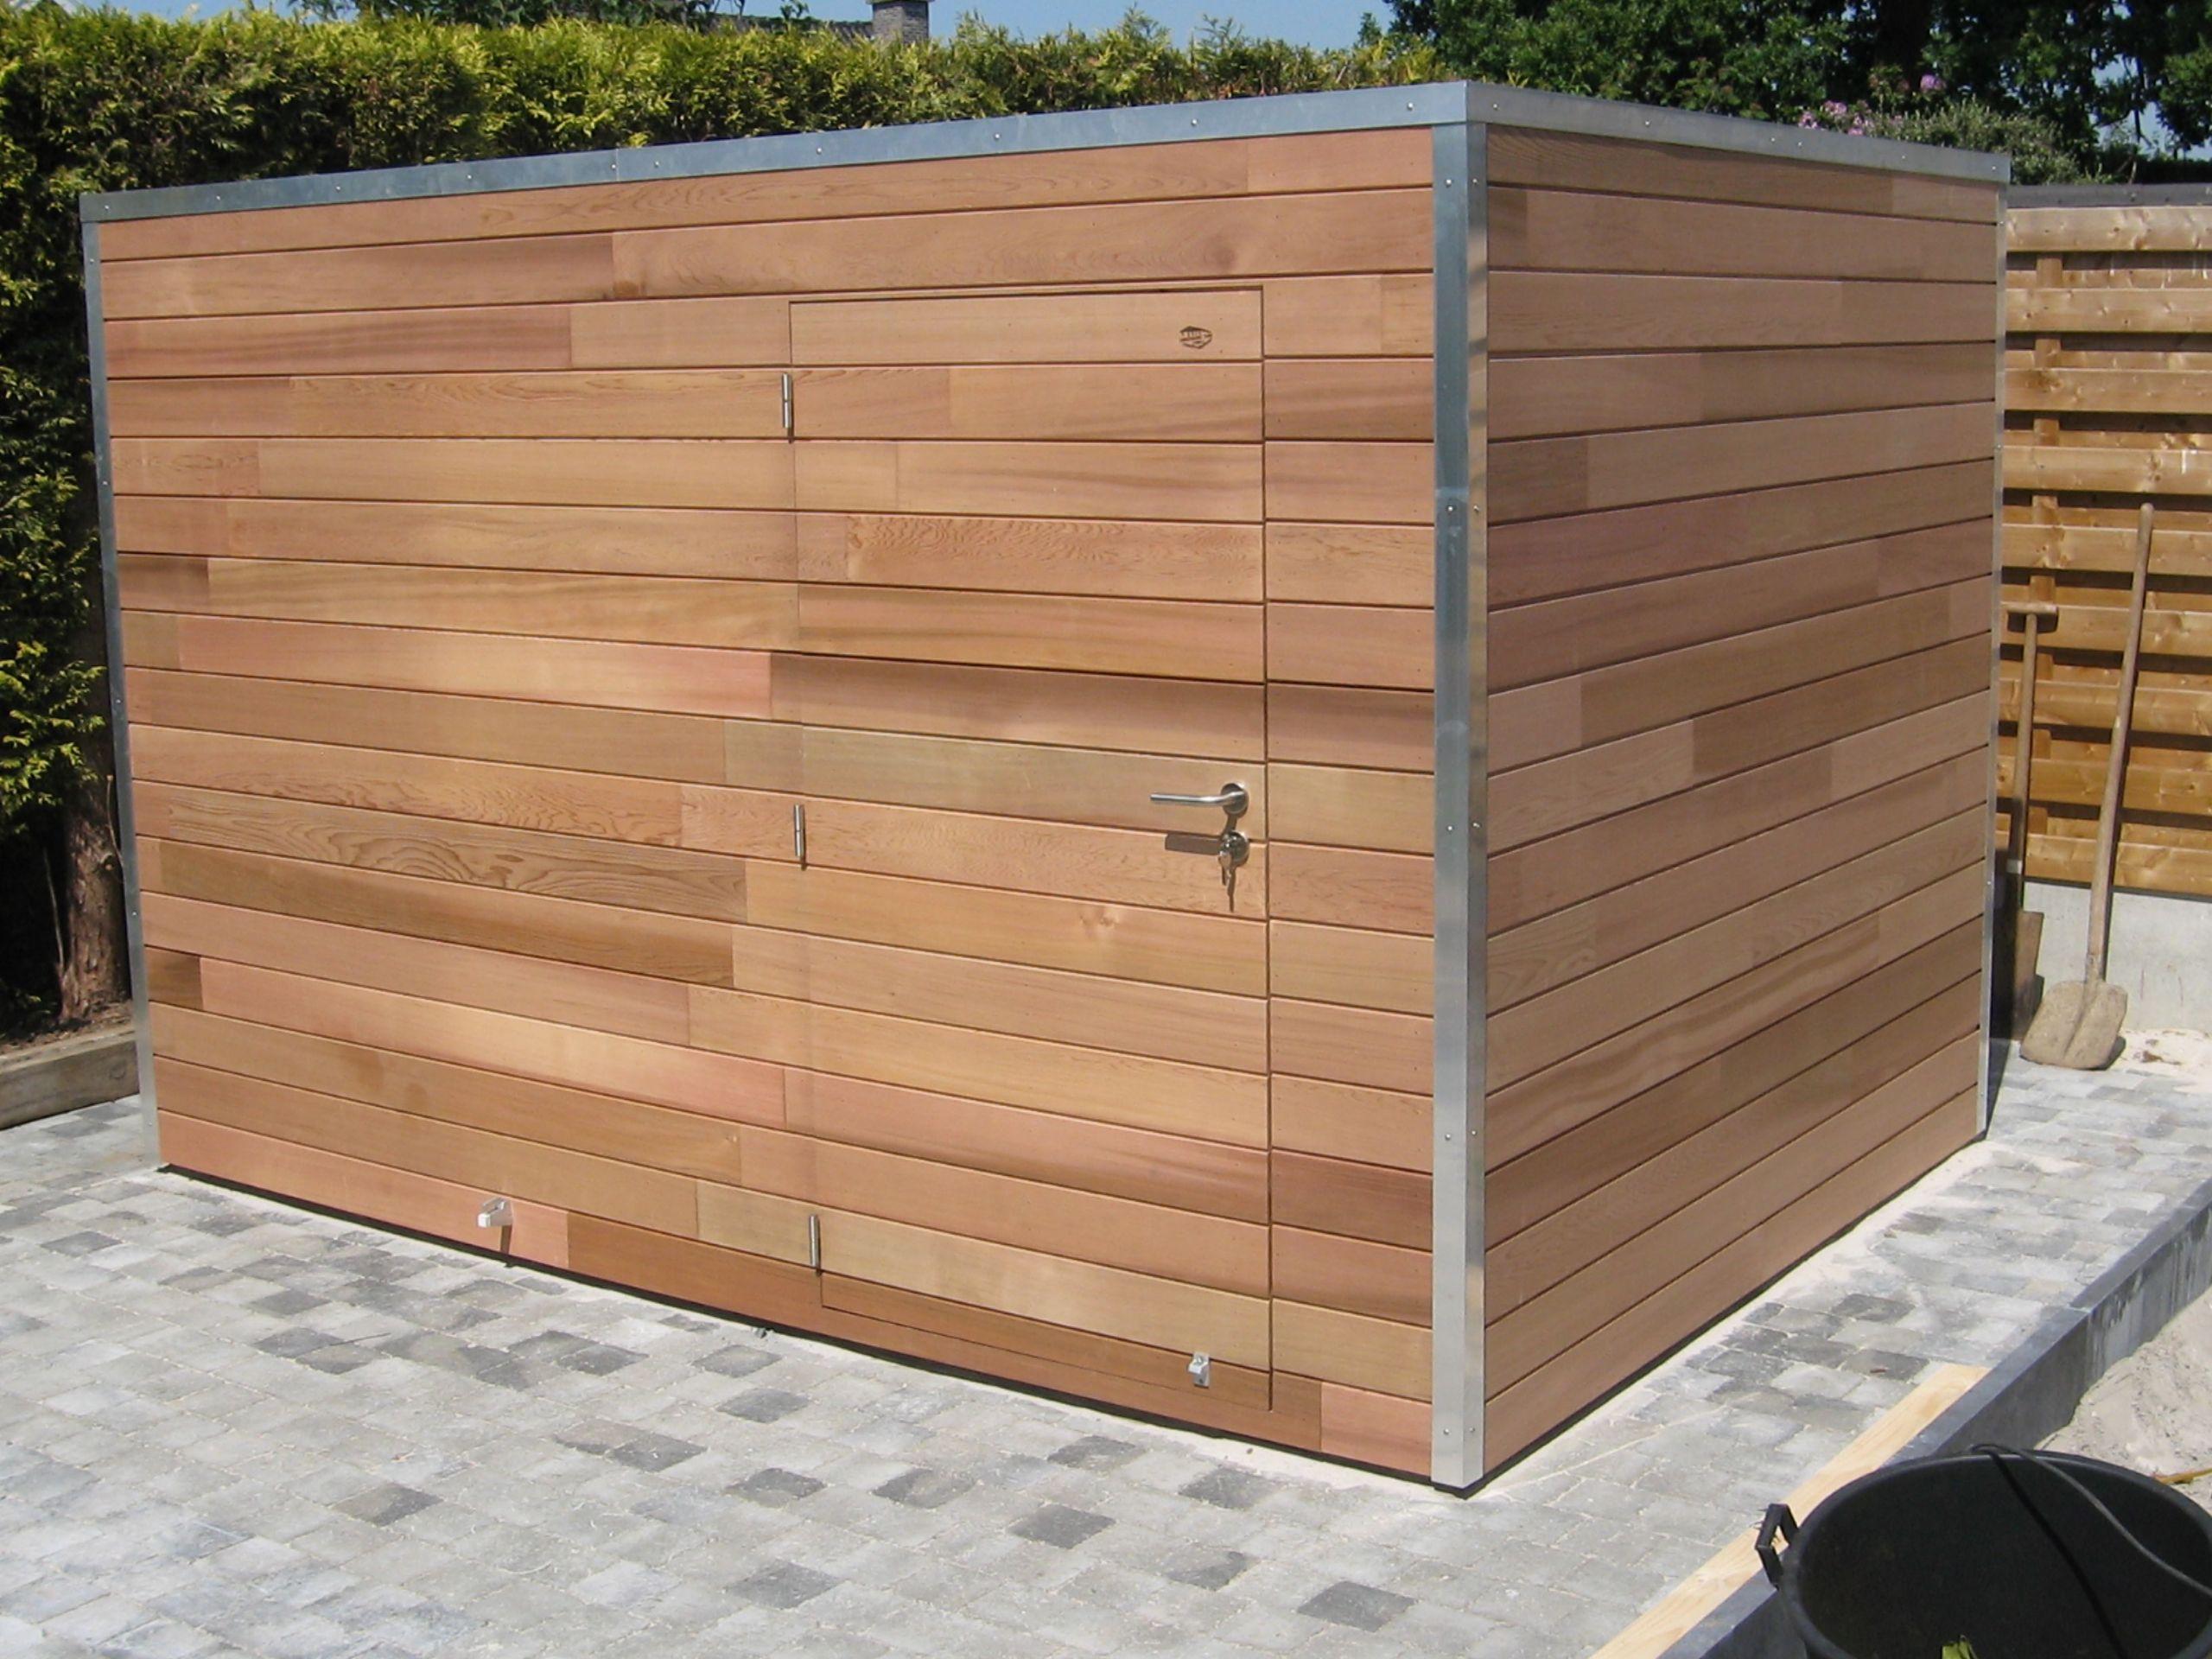 Cet abri de jardin en bois avec son toit plat a un design